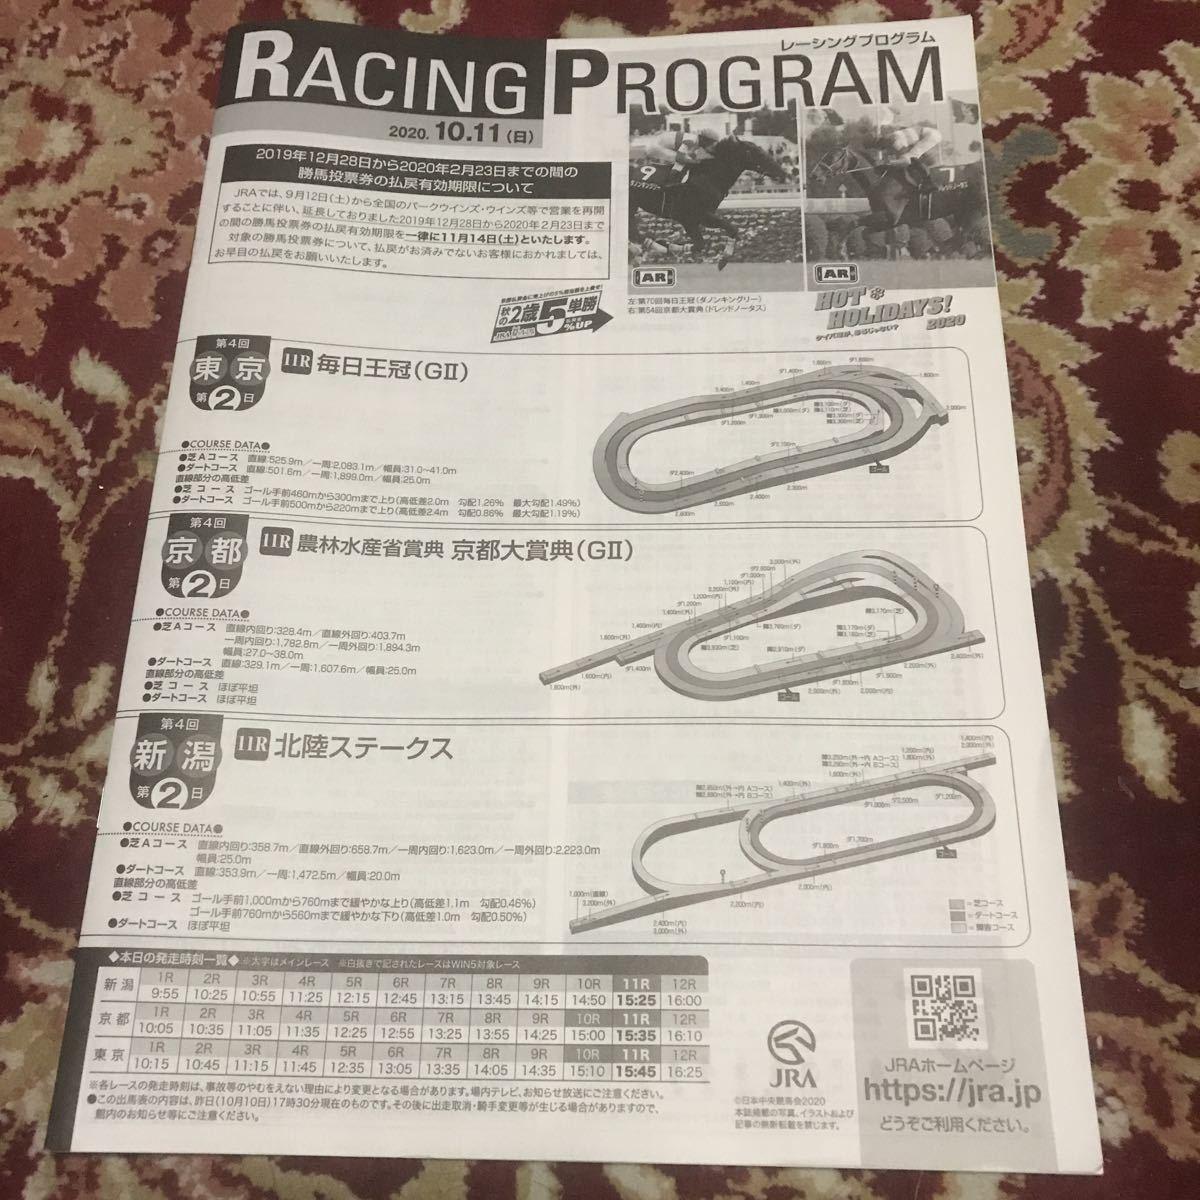 WINS版JRAレーシングプログラム2020.10.11(日)毎日王冠(GⅡ)京都大賞典(GⅡ)北陸ステークス_画像1